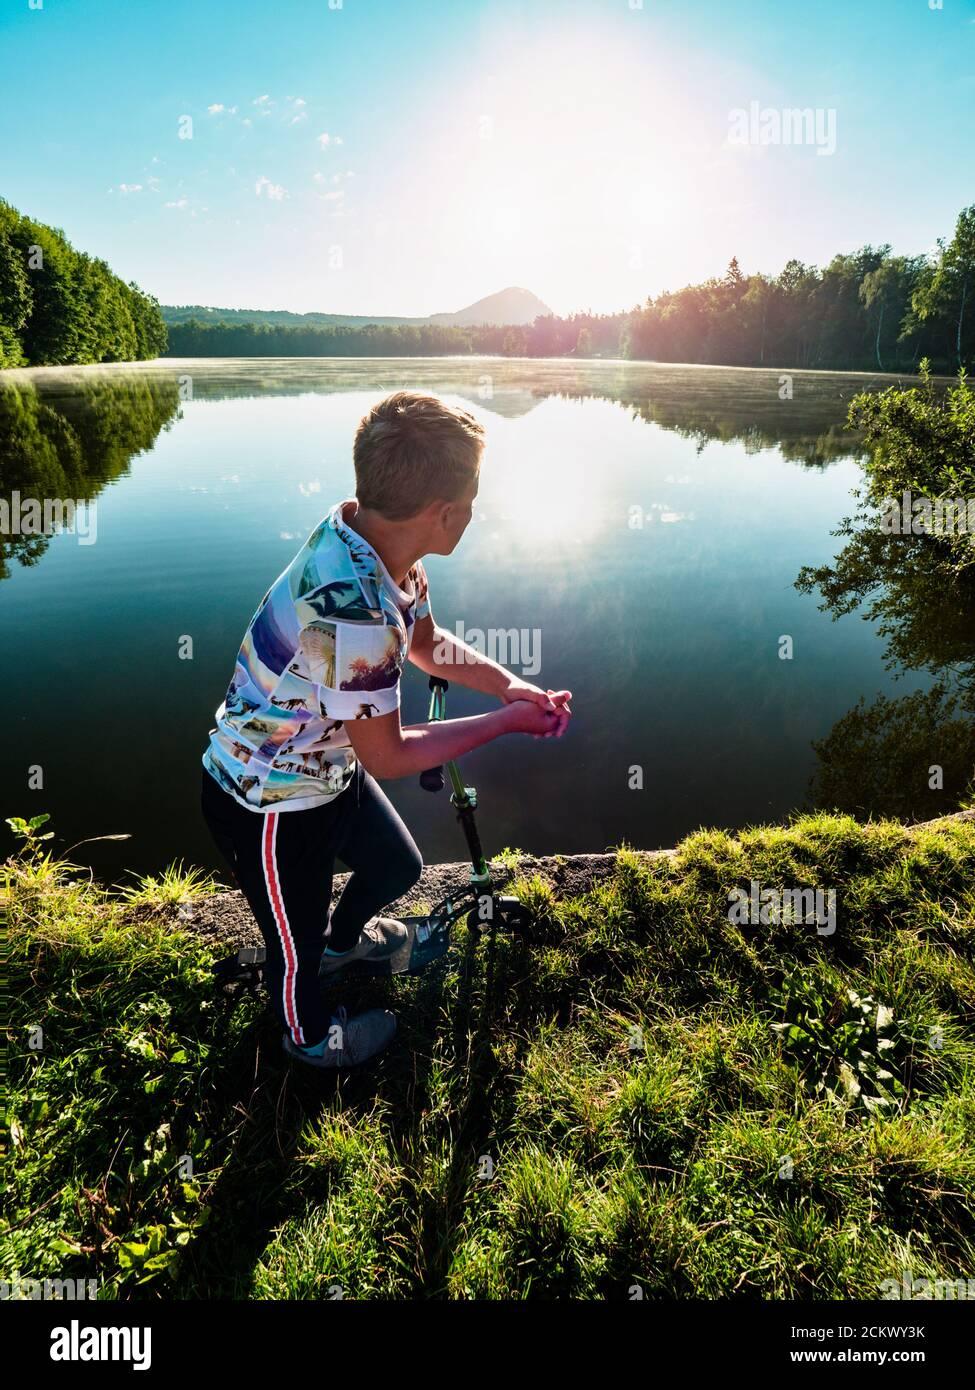 Blonde Haarjunge mit Roller steht auf einem Parkweg entlang See. Sportkonzept für die Kindheit. Die Abendsonne macht Fackeln und Reflexionen im Wasser. Stockfoto